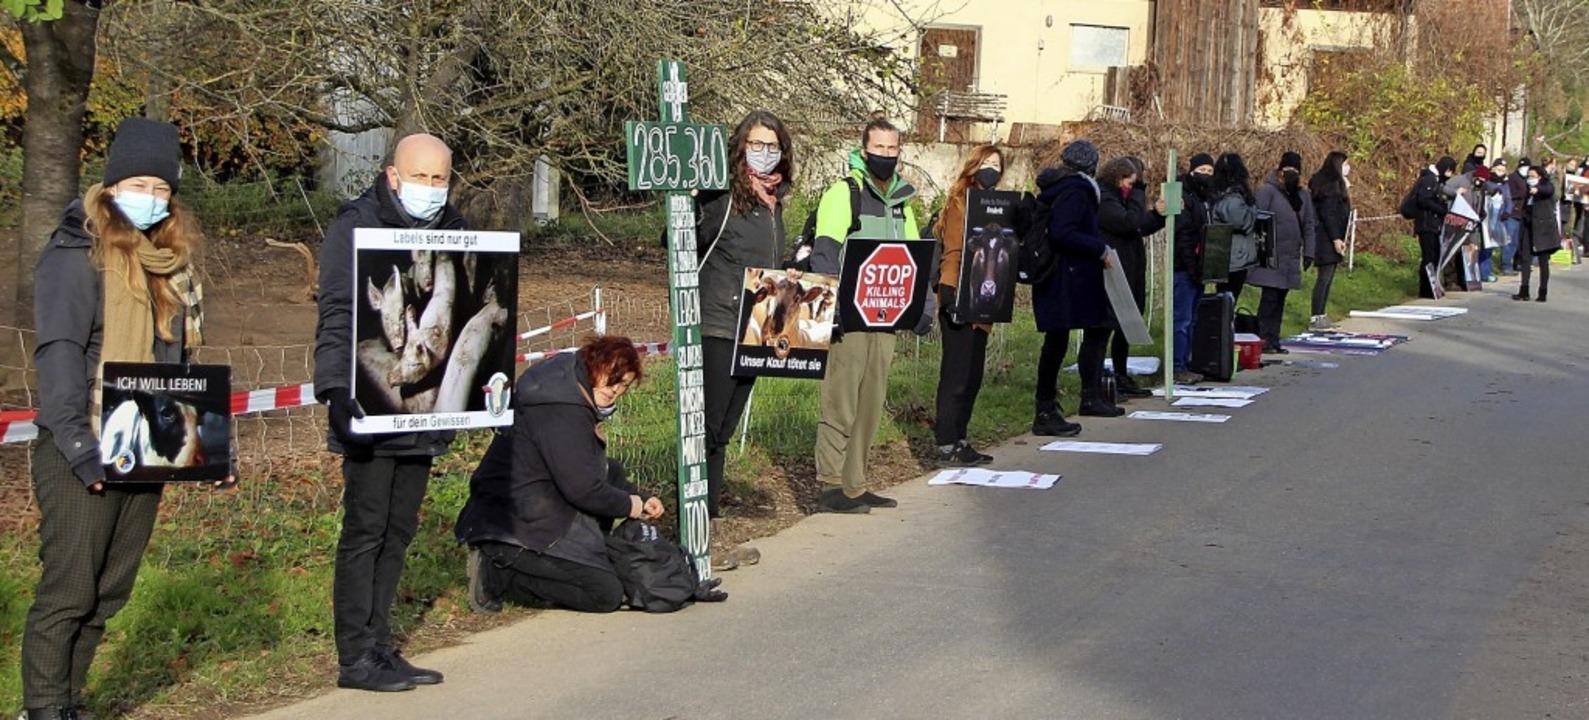 Tierschutz-Aktivisten veranstalteten v...Teilnehmer waren zur Aktion gekommen.     Foto: